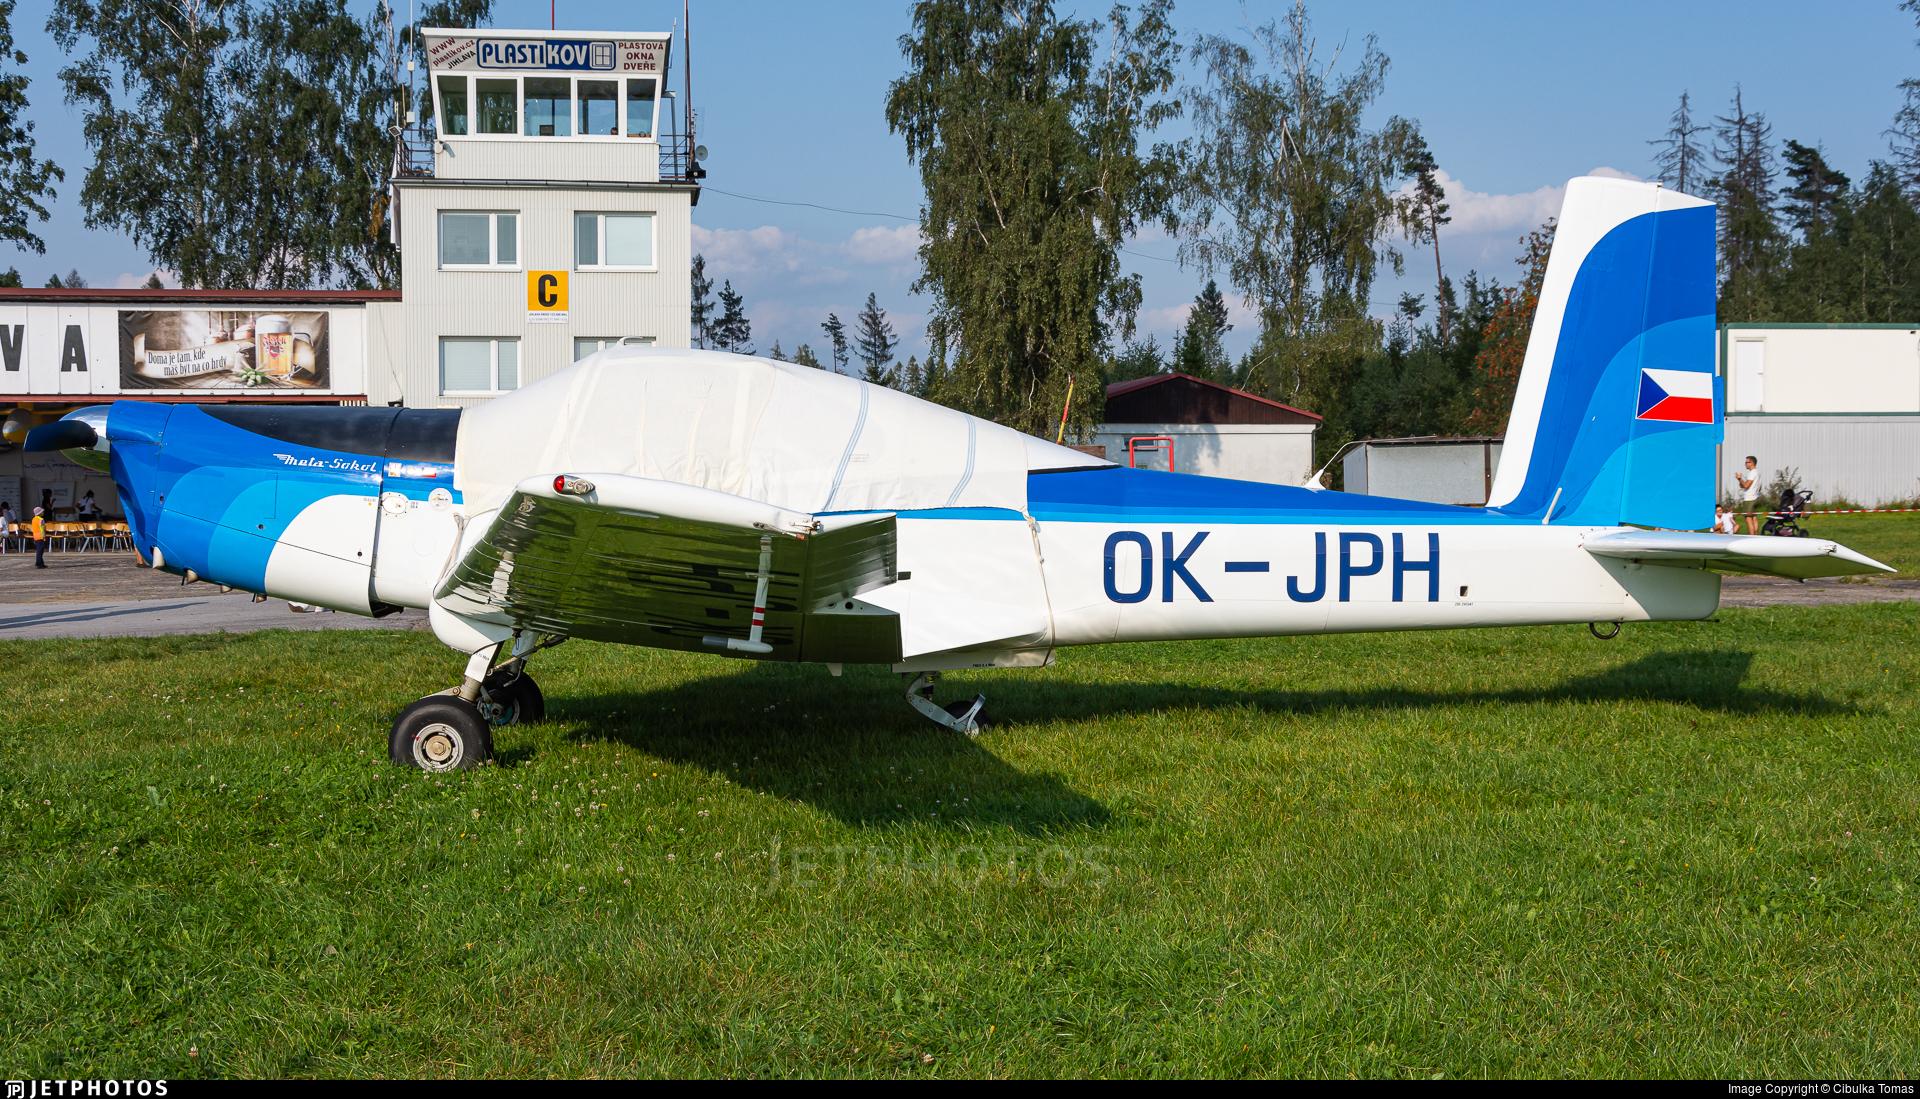 OK-JPH - Orlican L-40 Meta-Sokol - Private